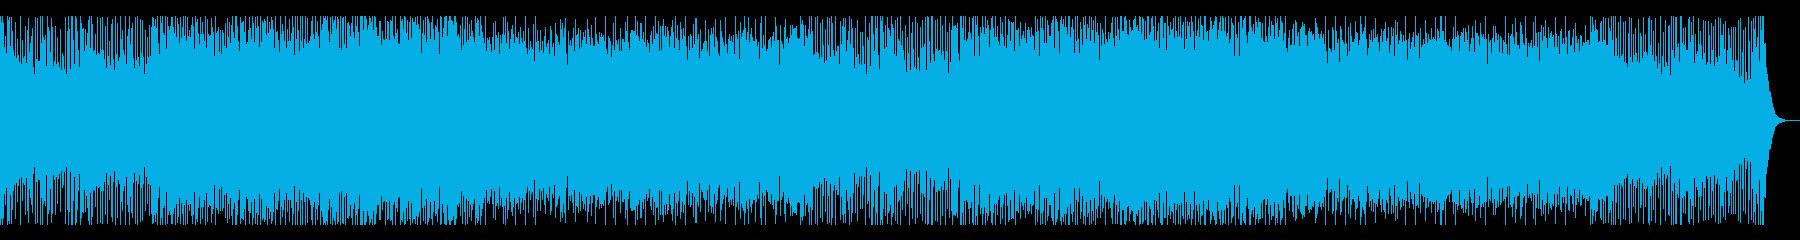 ASHURAの再生済みの波形